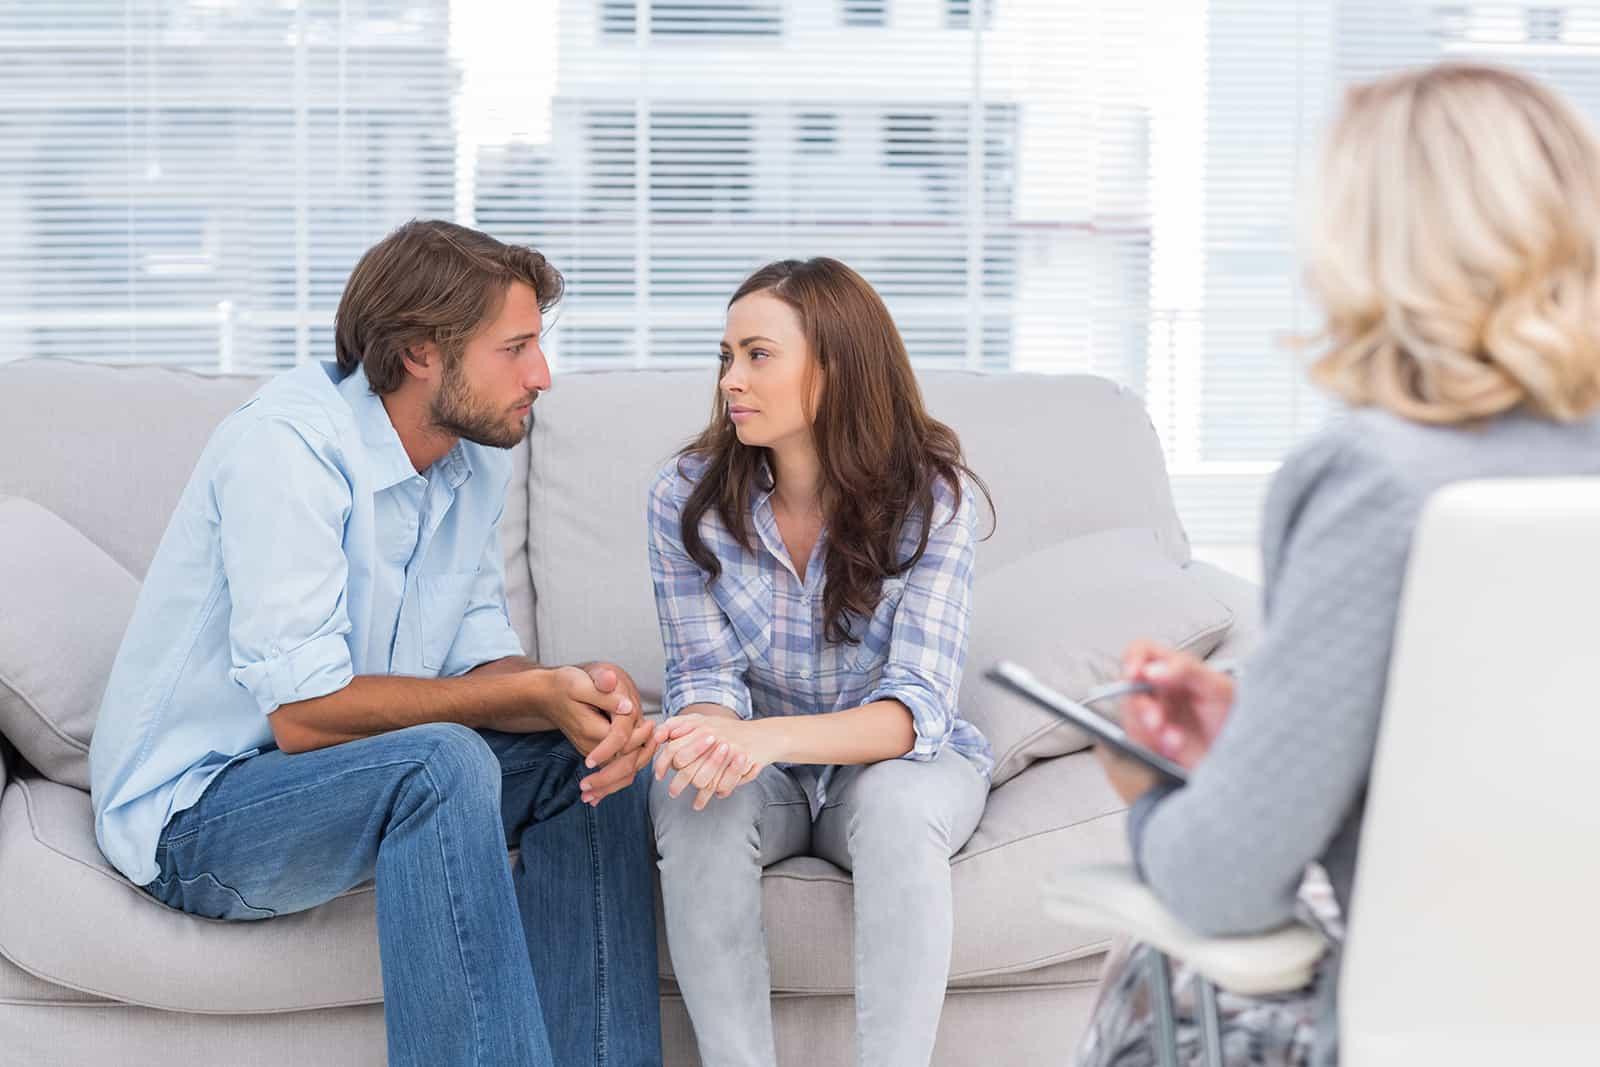 Paar, das sich während einer Therapiesitzung ansieht, während Therapeut vor ihnen sitzt